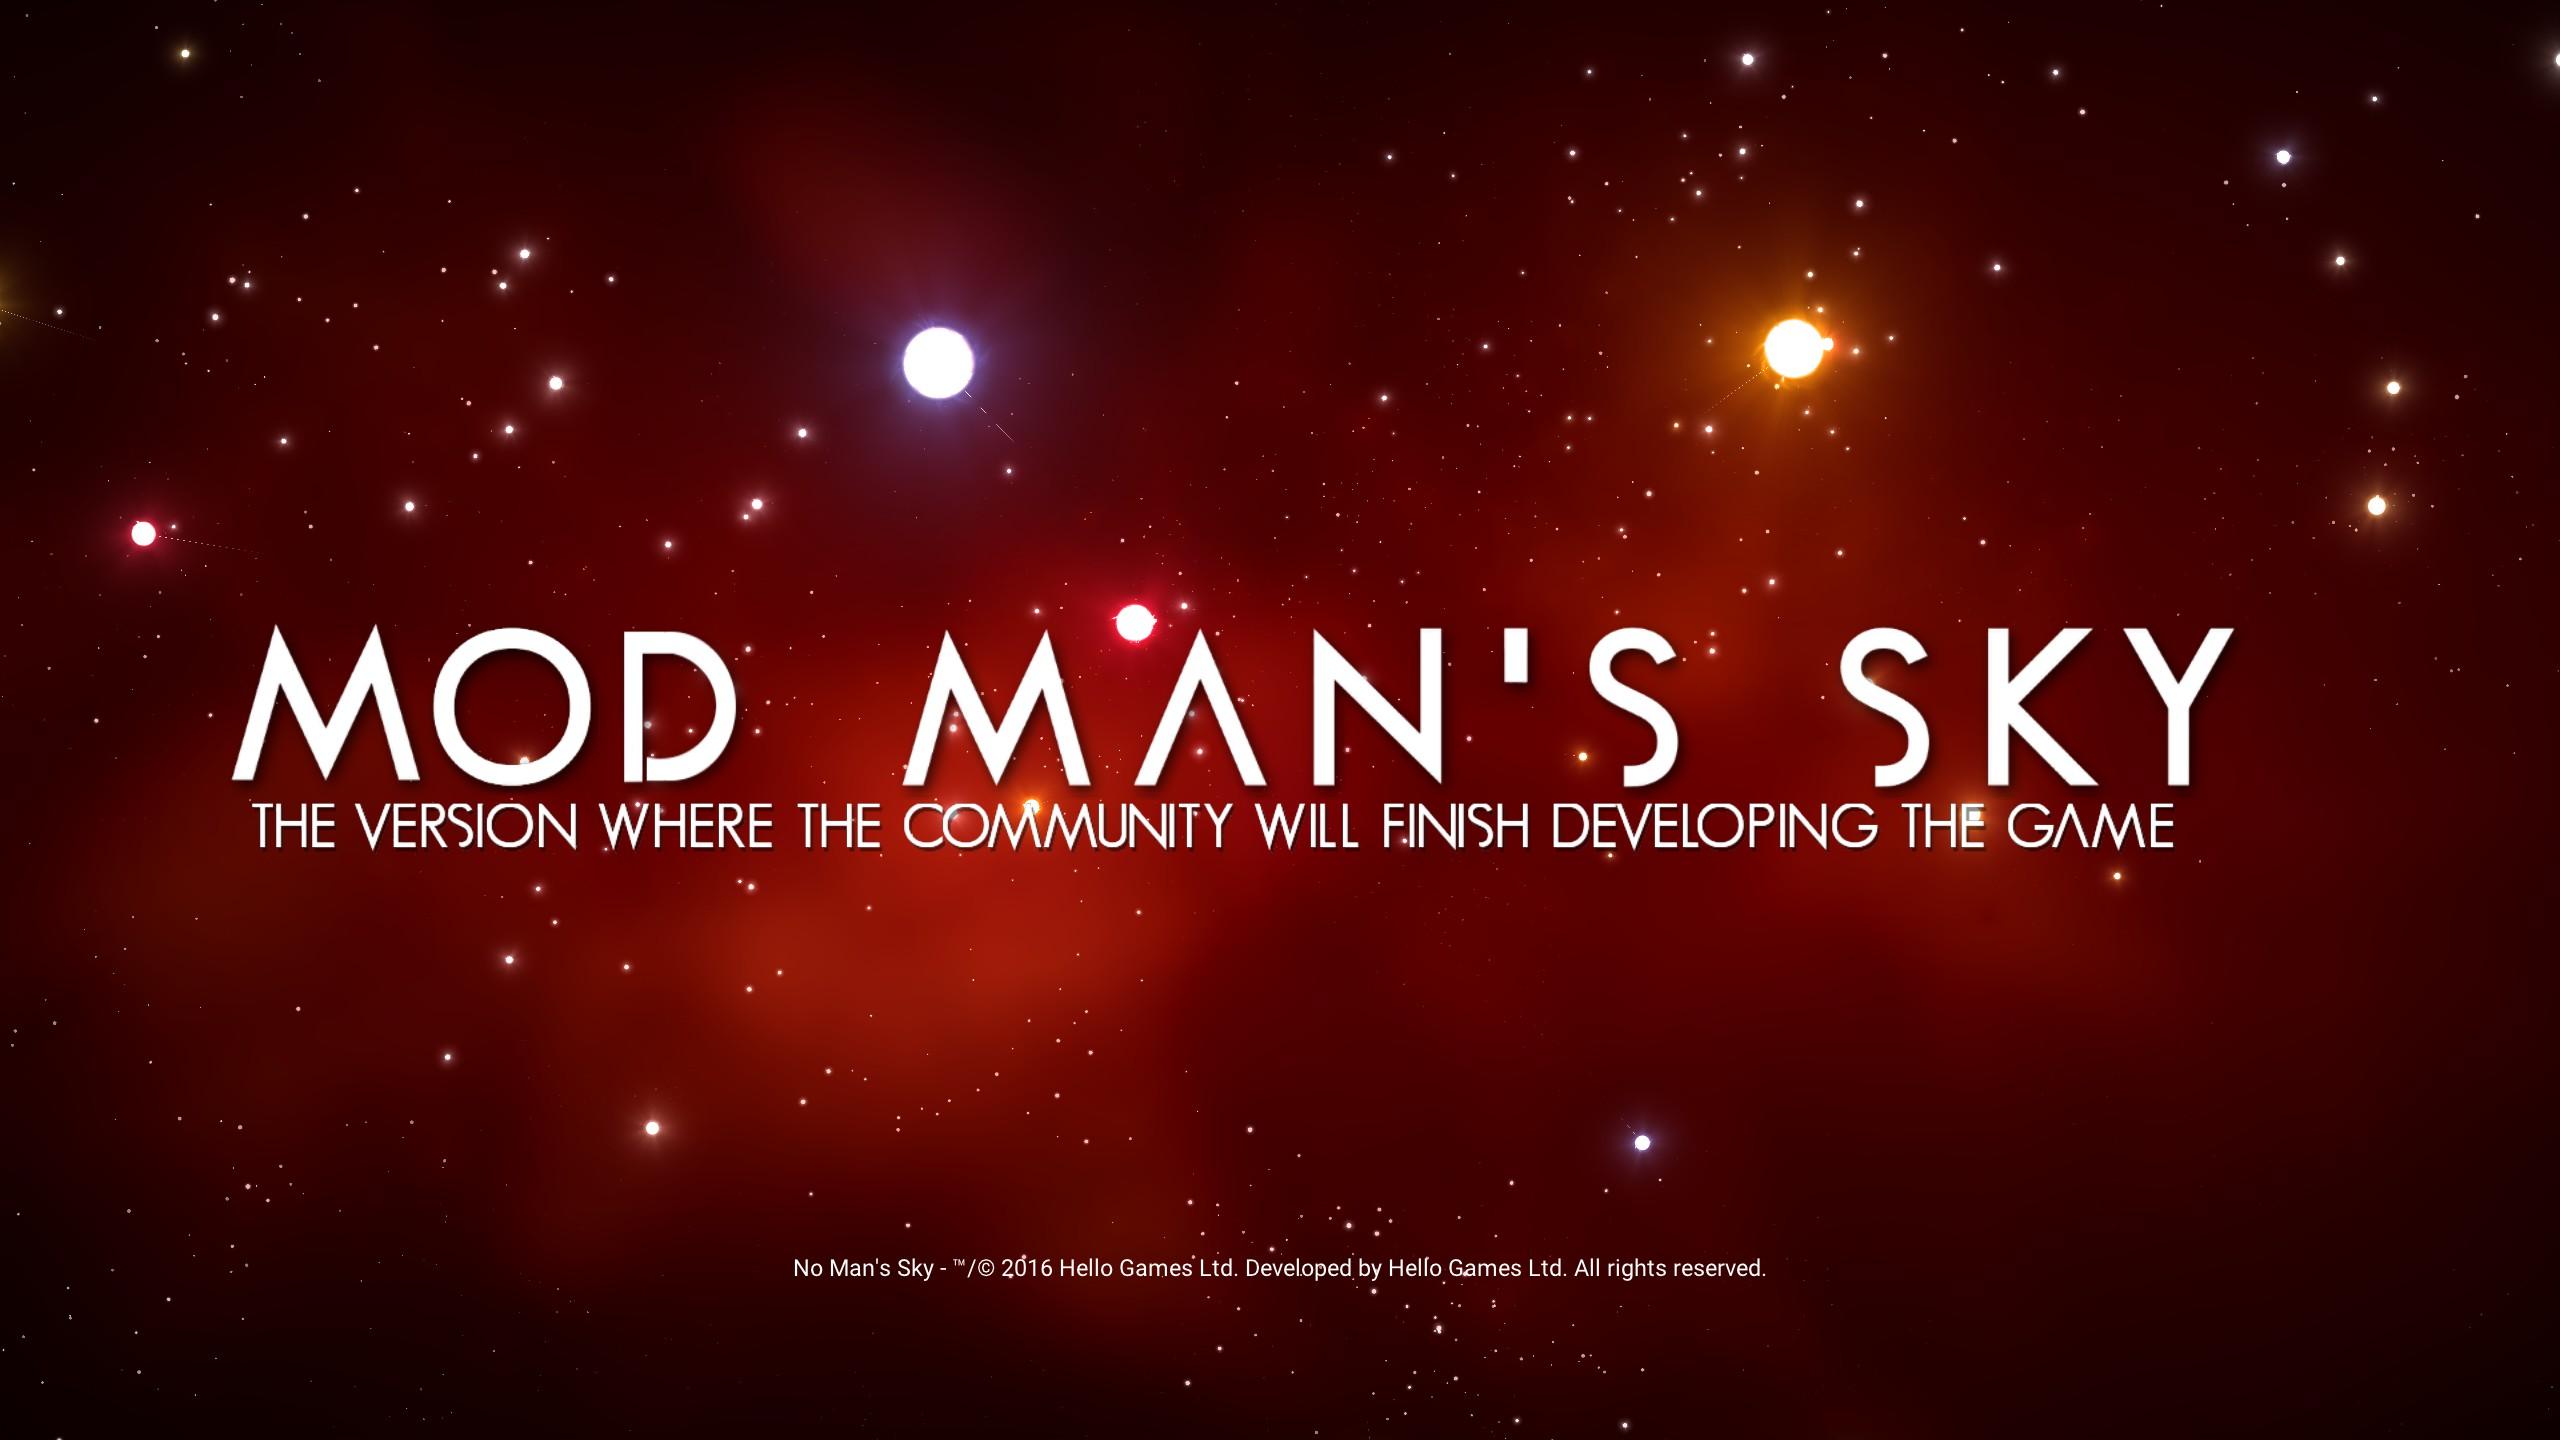 MOD MAN'S SKY